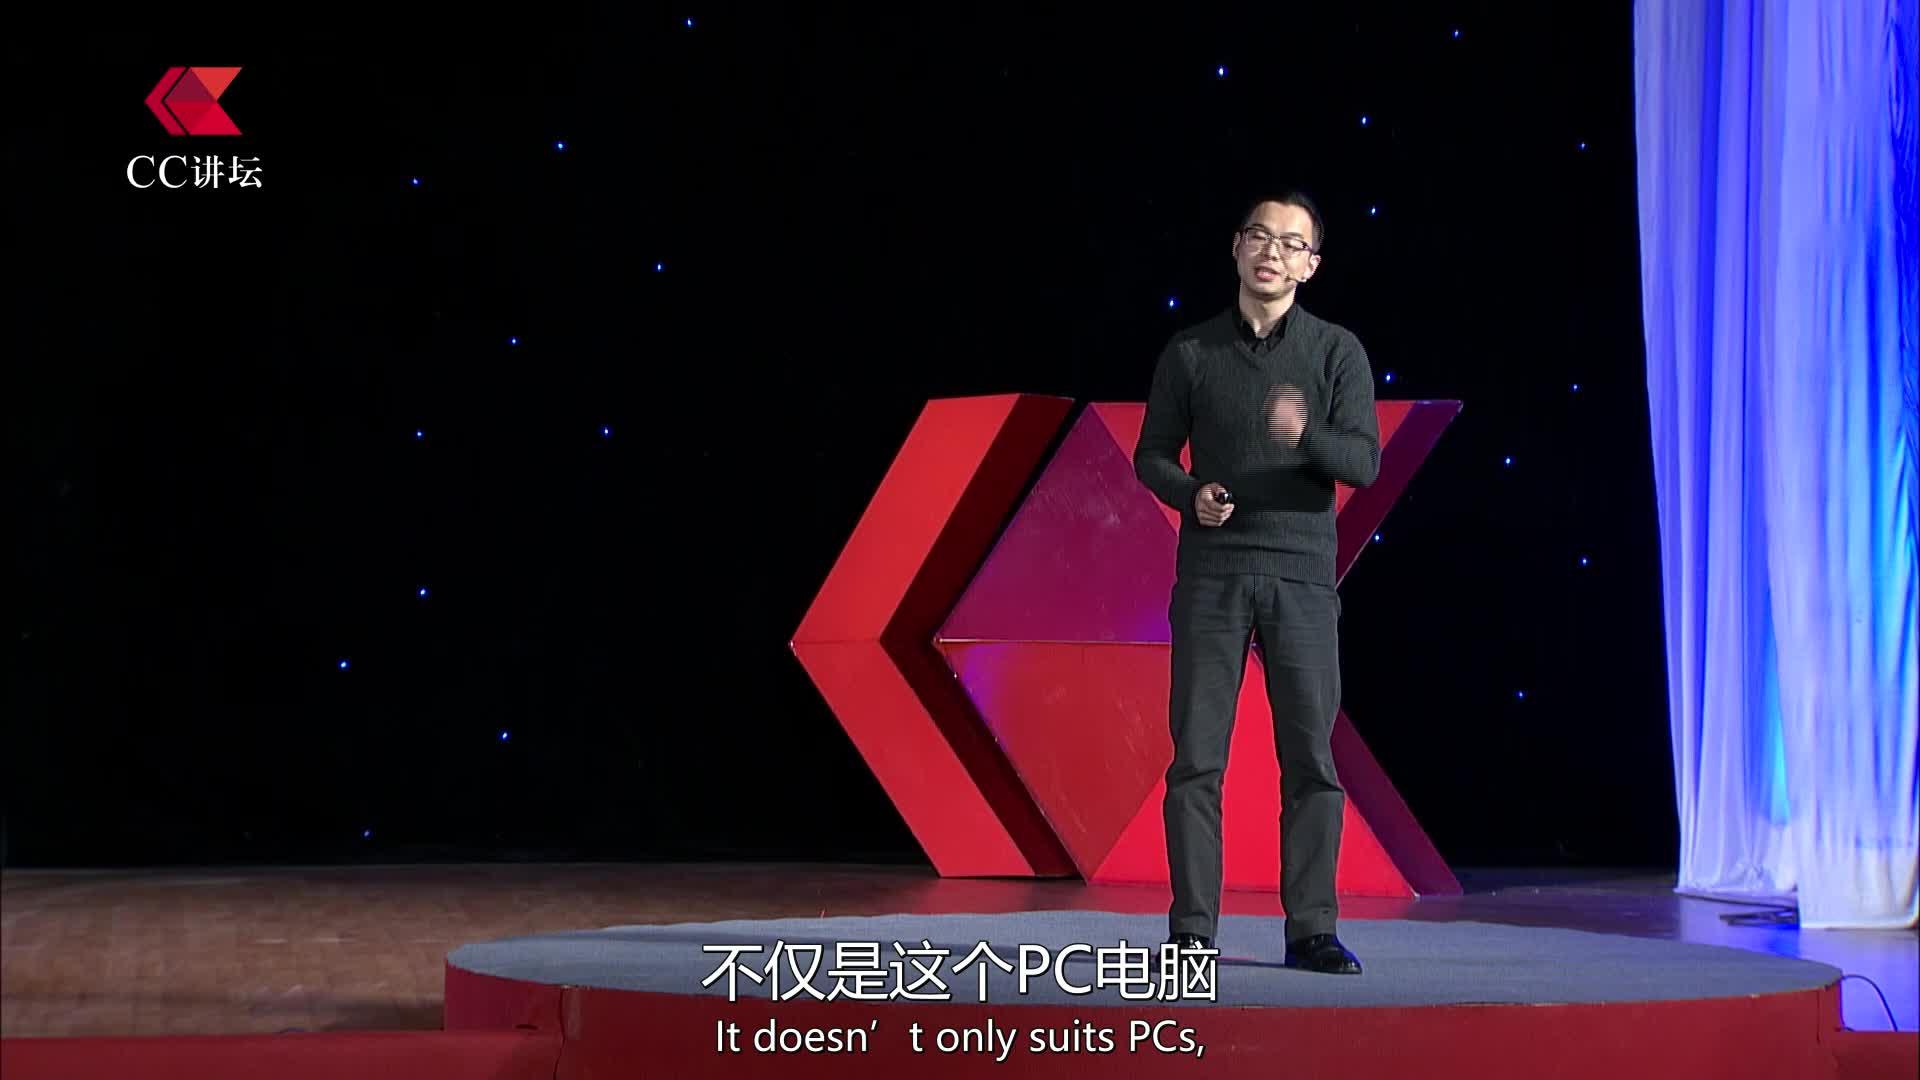 CC讲坛——梁振宇:未来,闭着眼睛上网